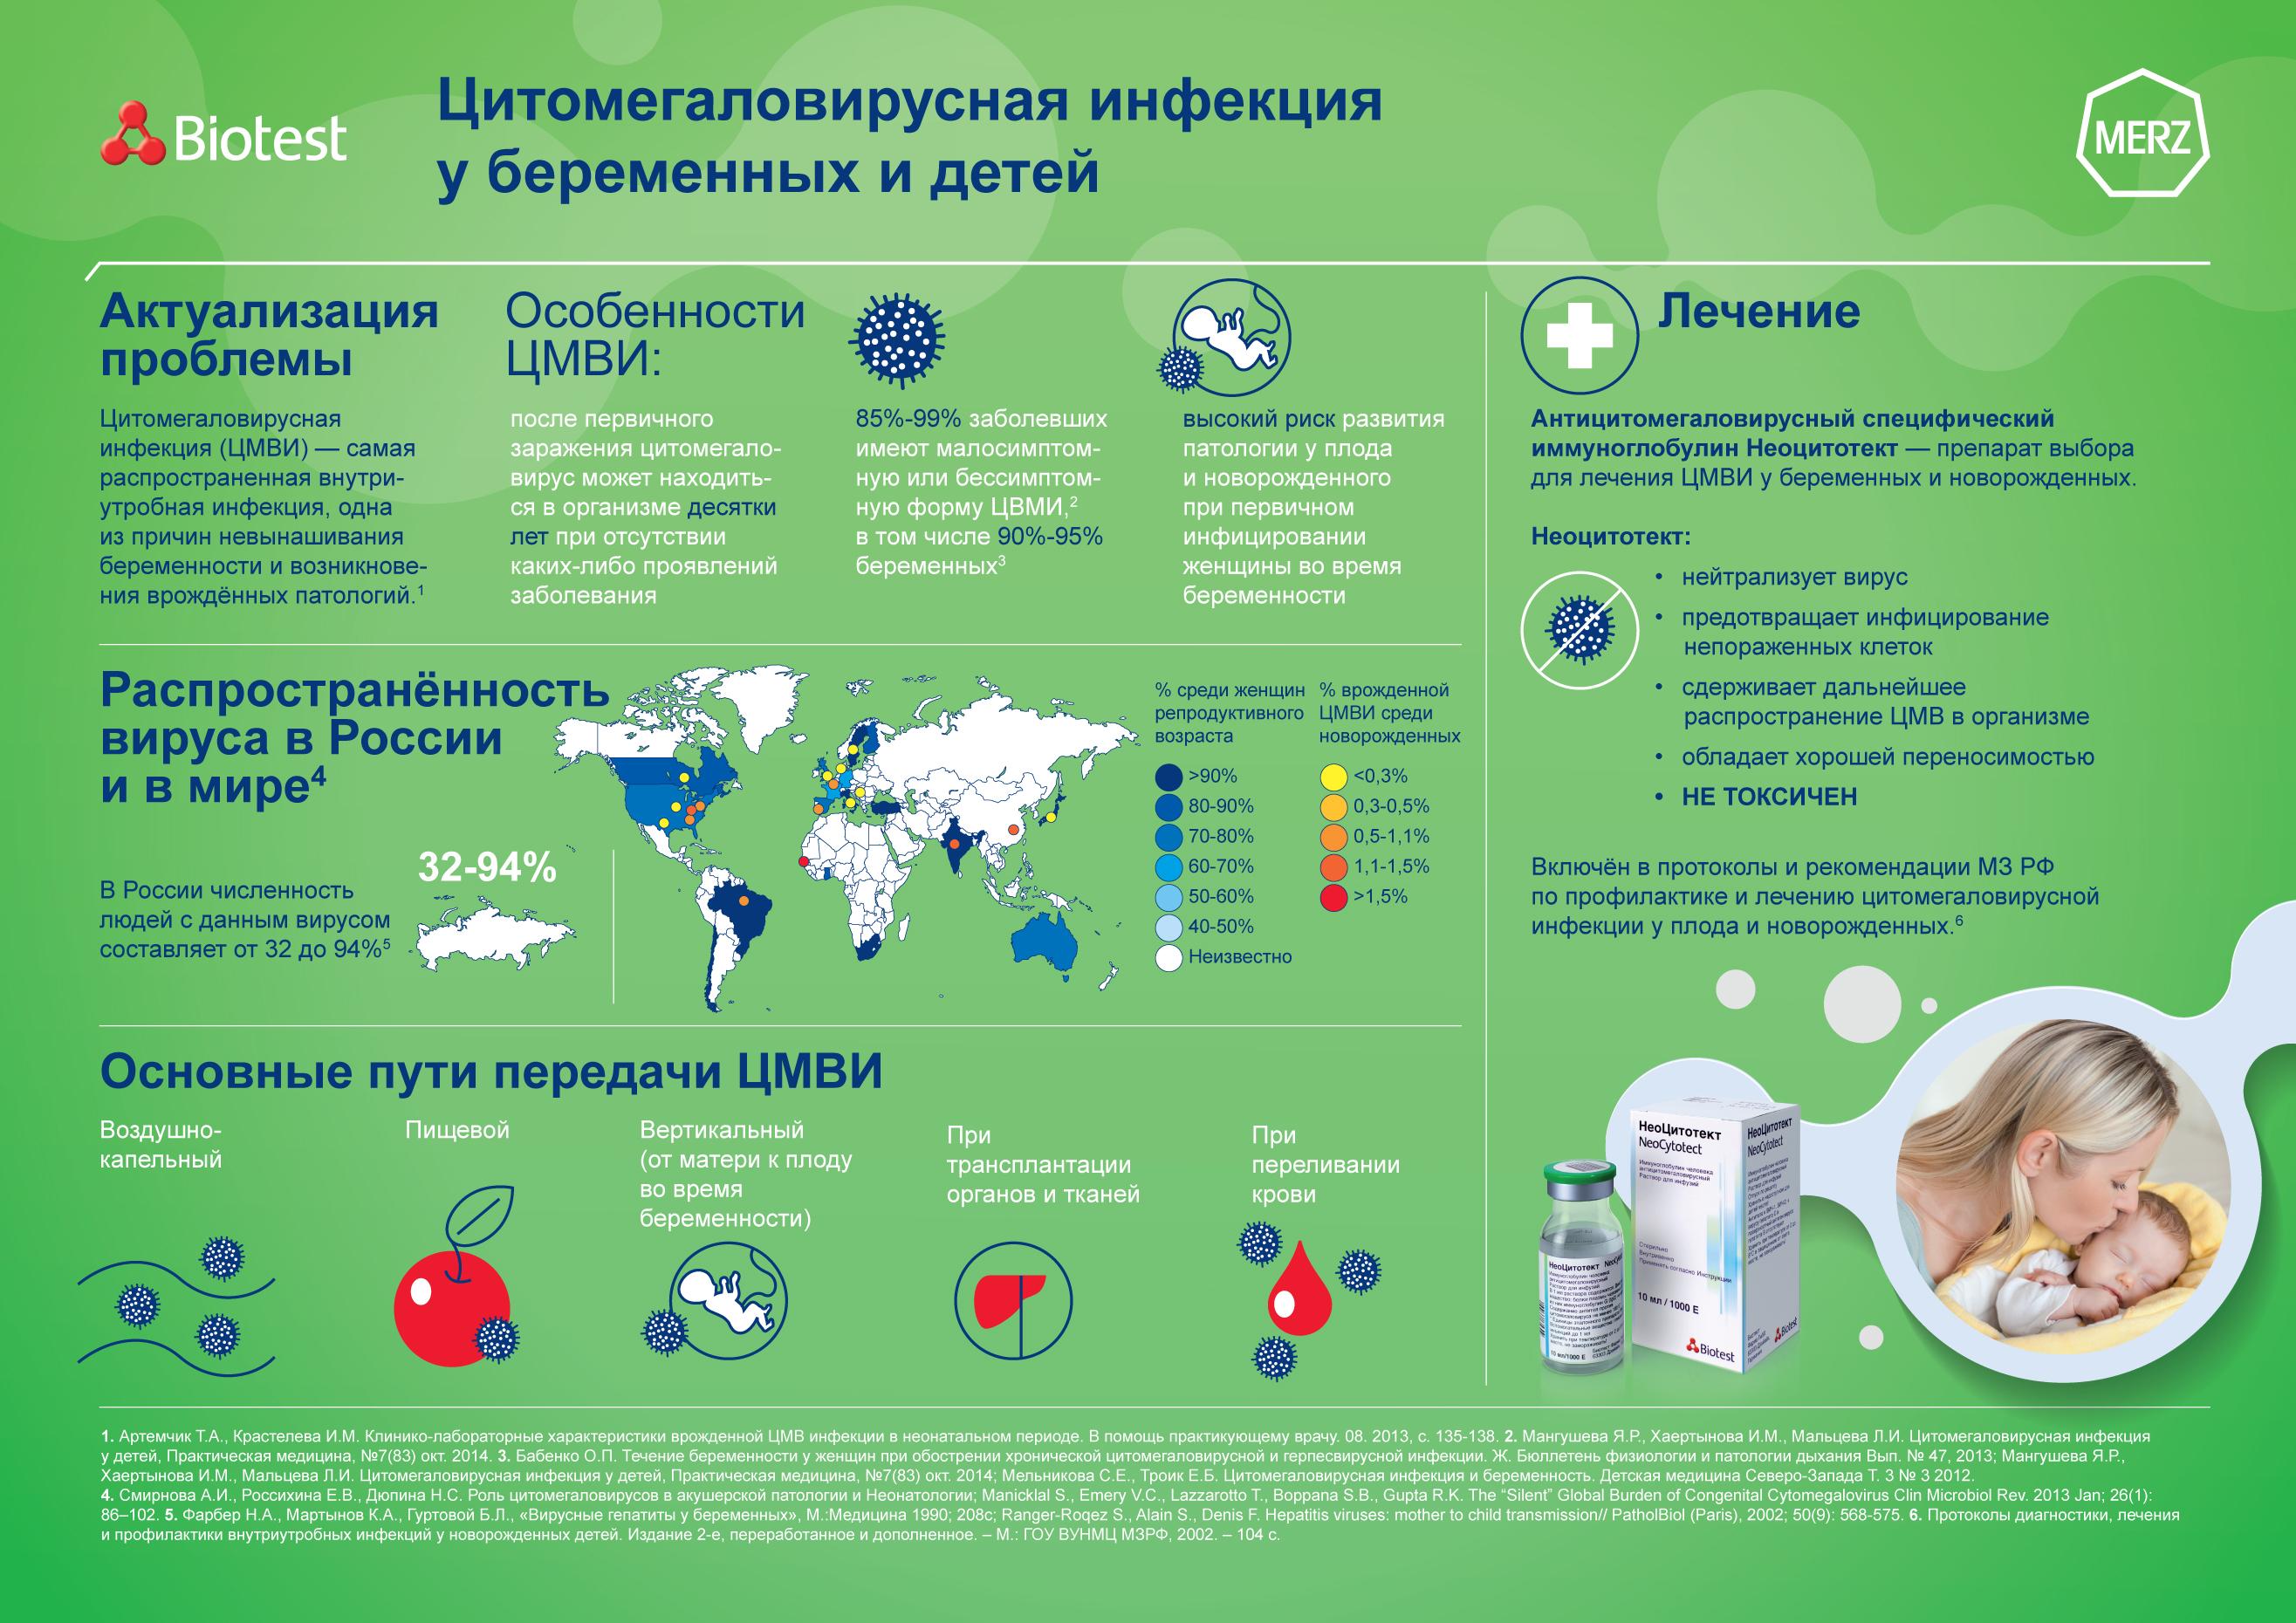 Вирусы опасные для беременных 170